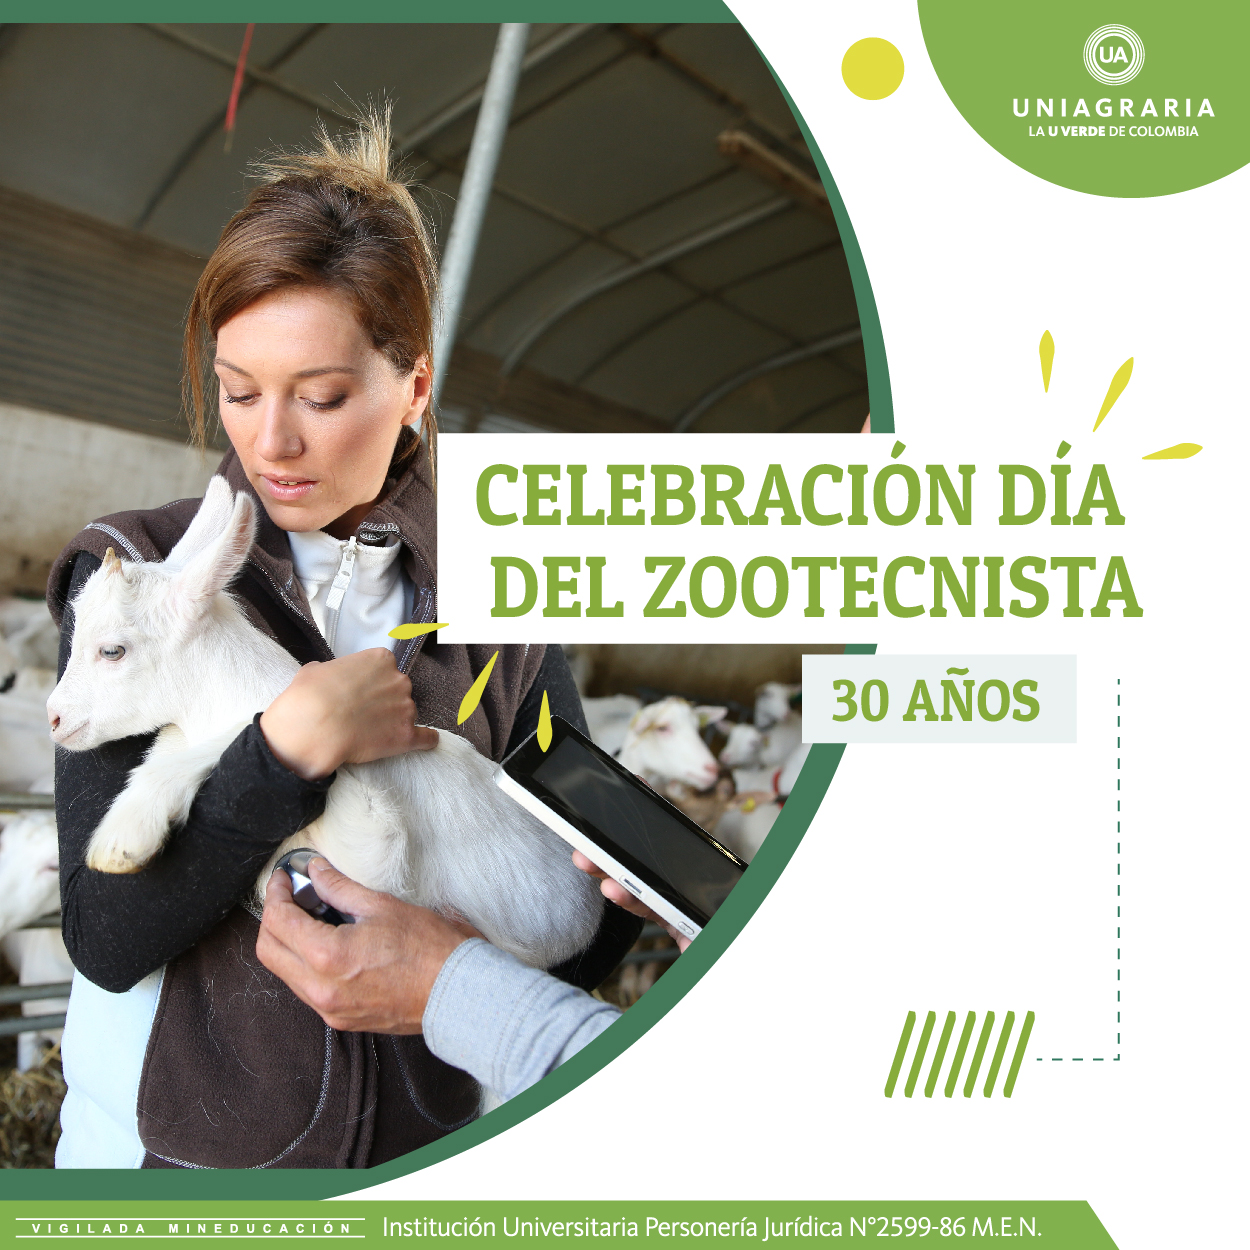 Celebración día del Zootecnista